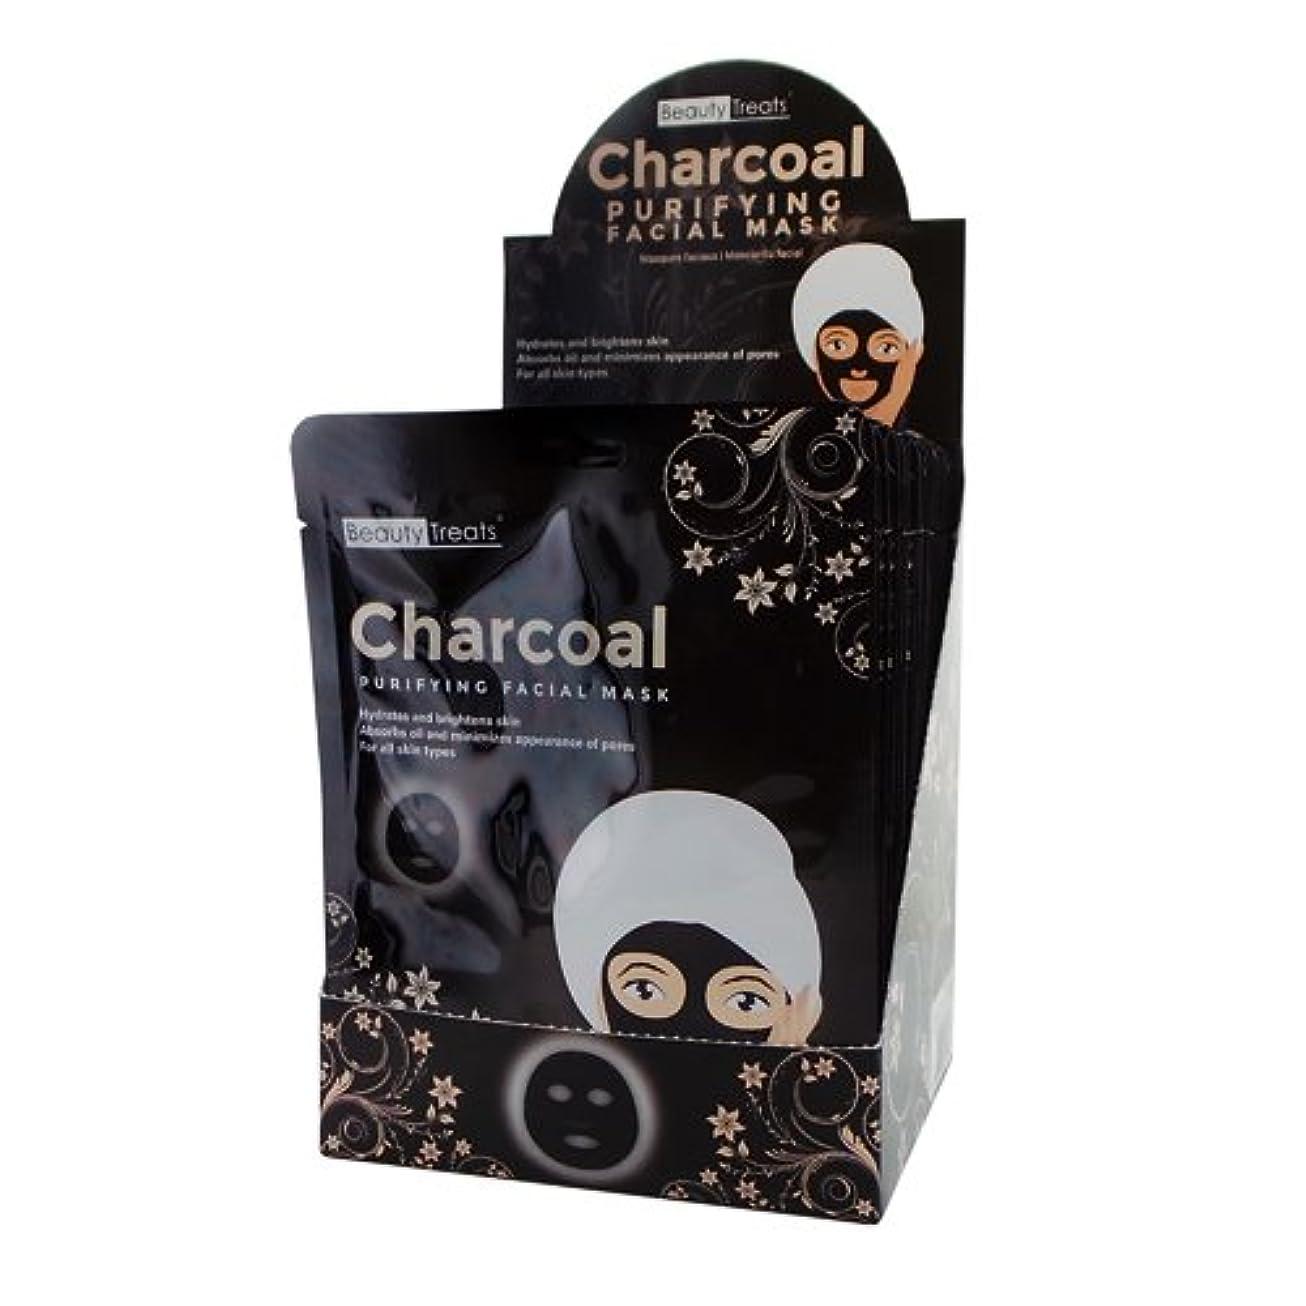 のぞき穴飢格納BEAUTY TREATS Charcoal Purifying Facial Mask Display Box - 24 Pieces (並行輸入品)